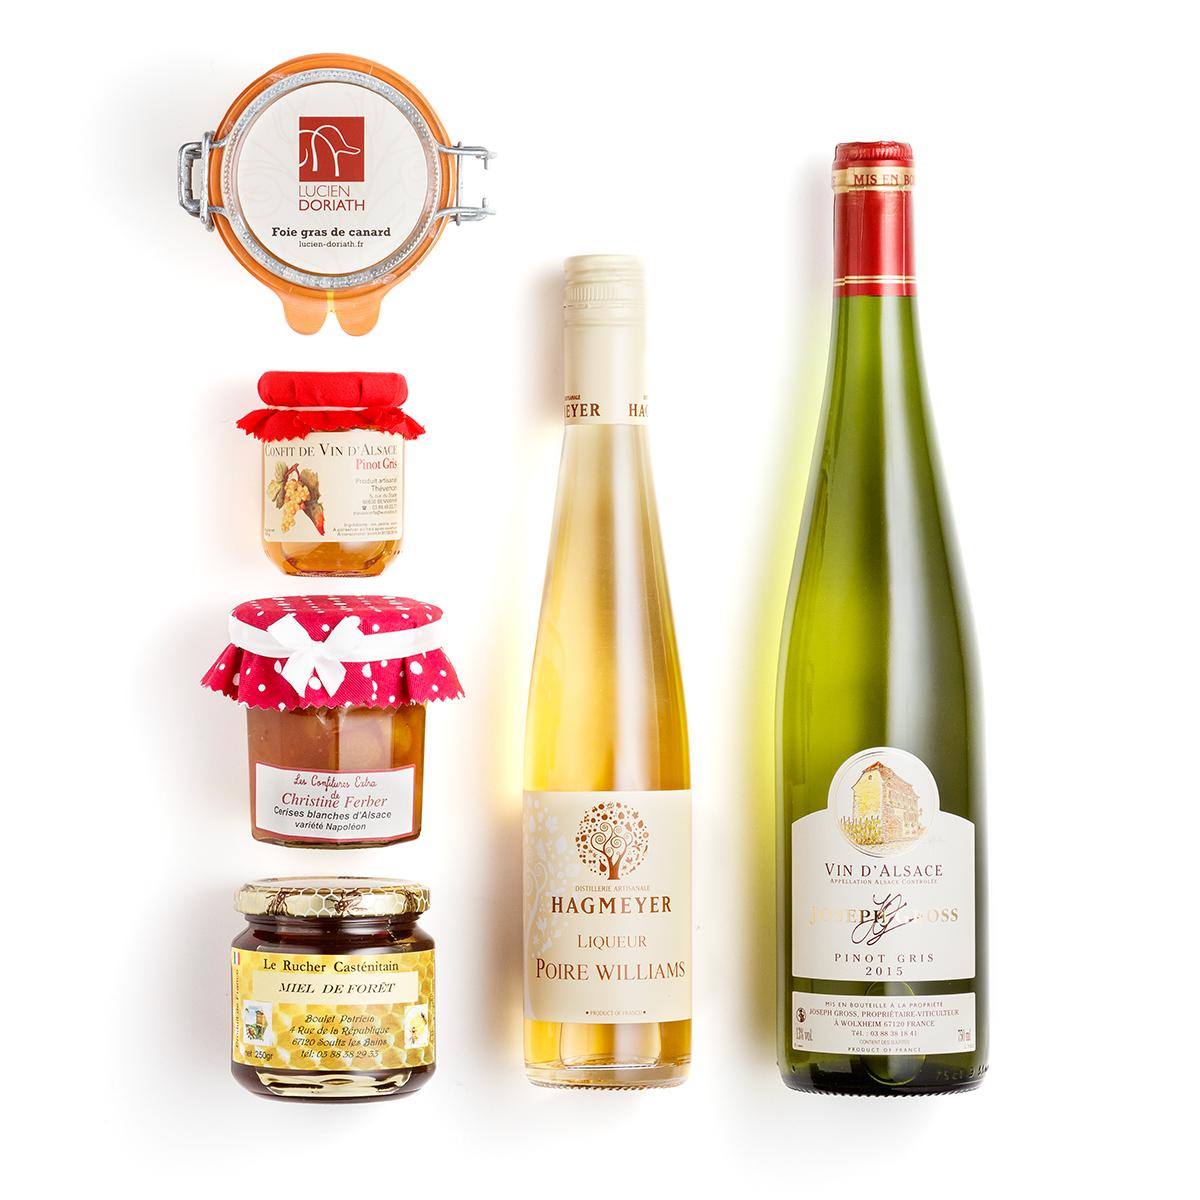 Les coffrets cadeaux foie gras